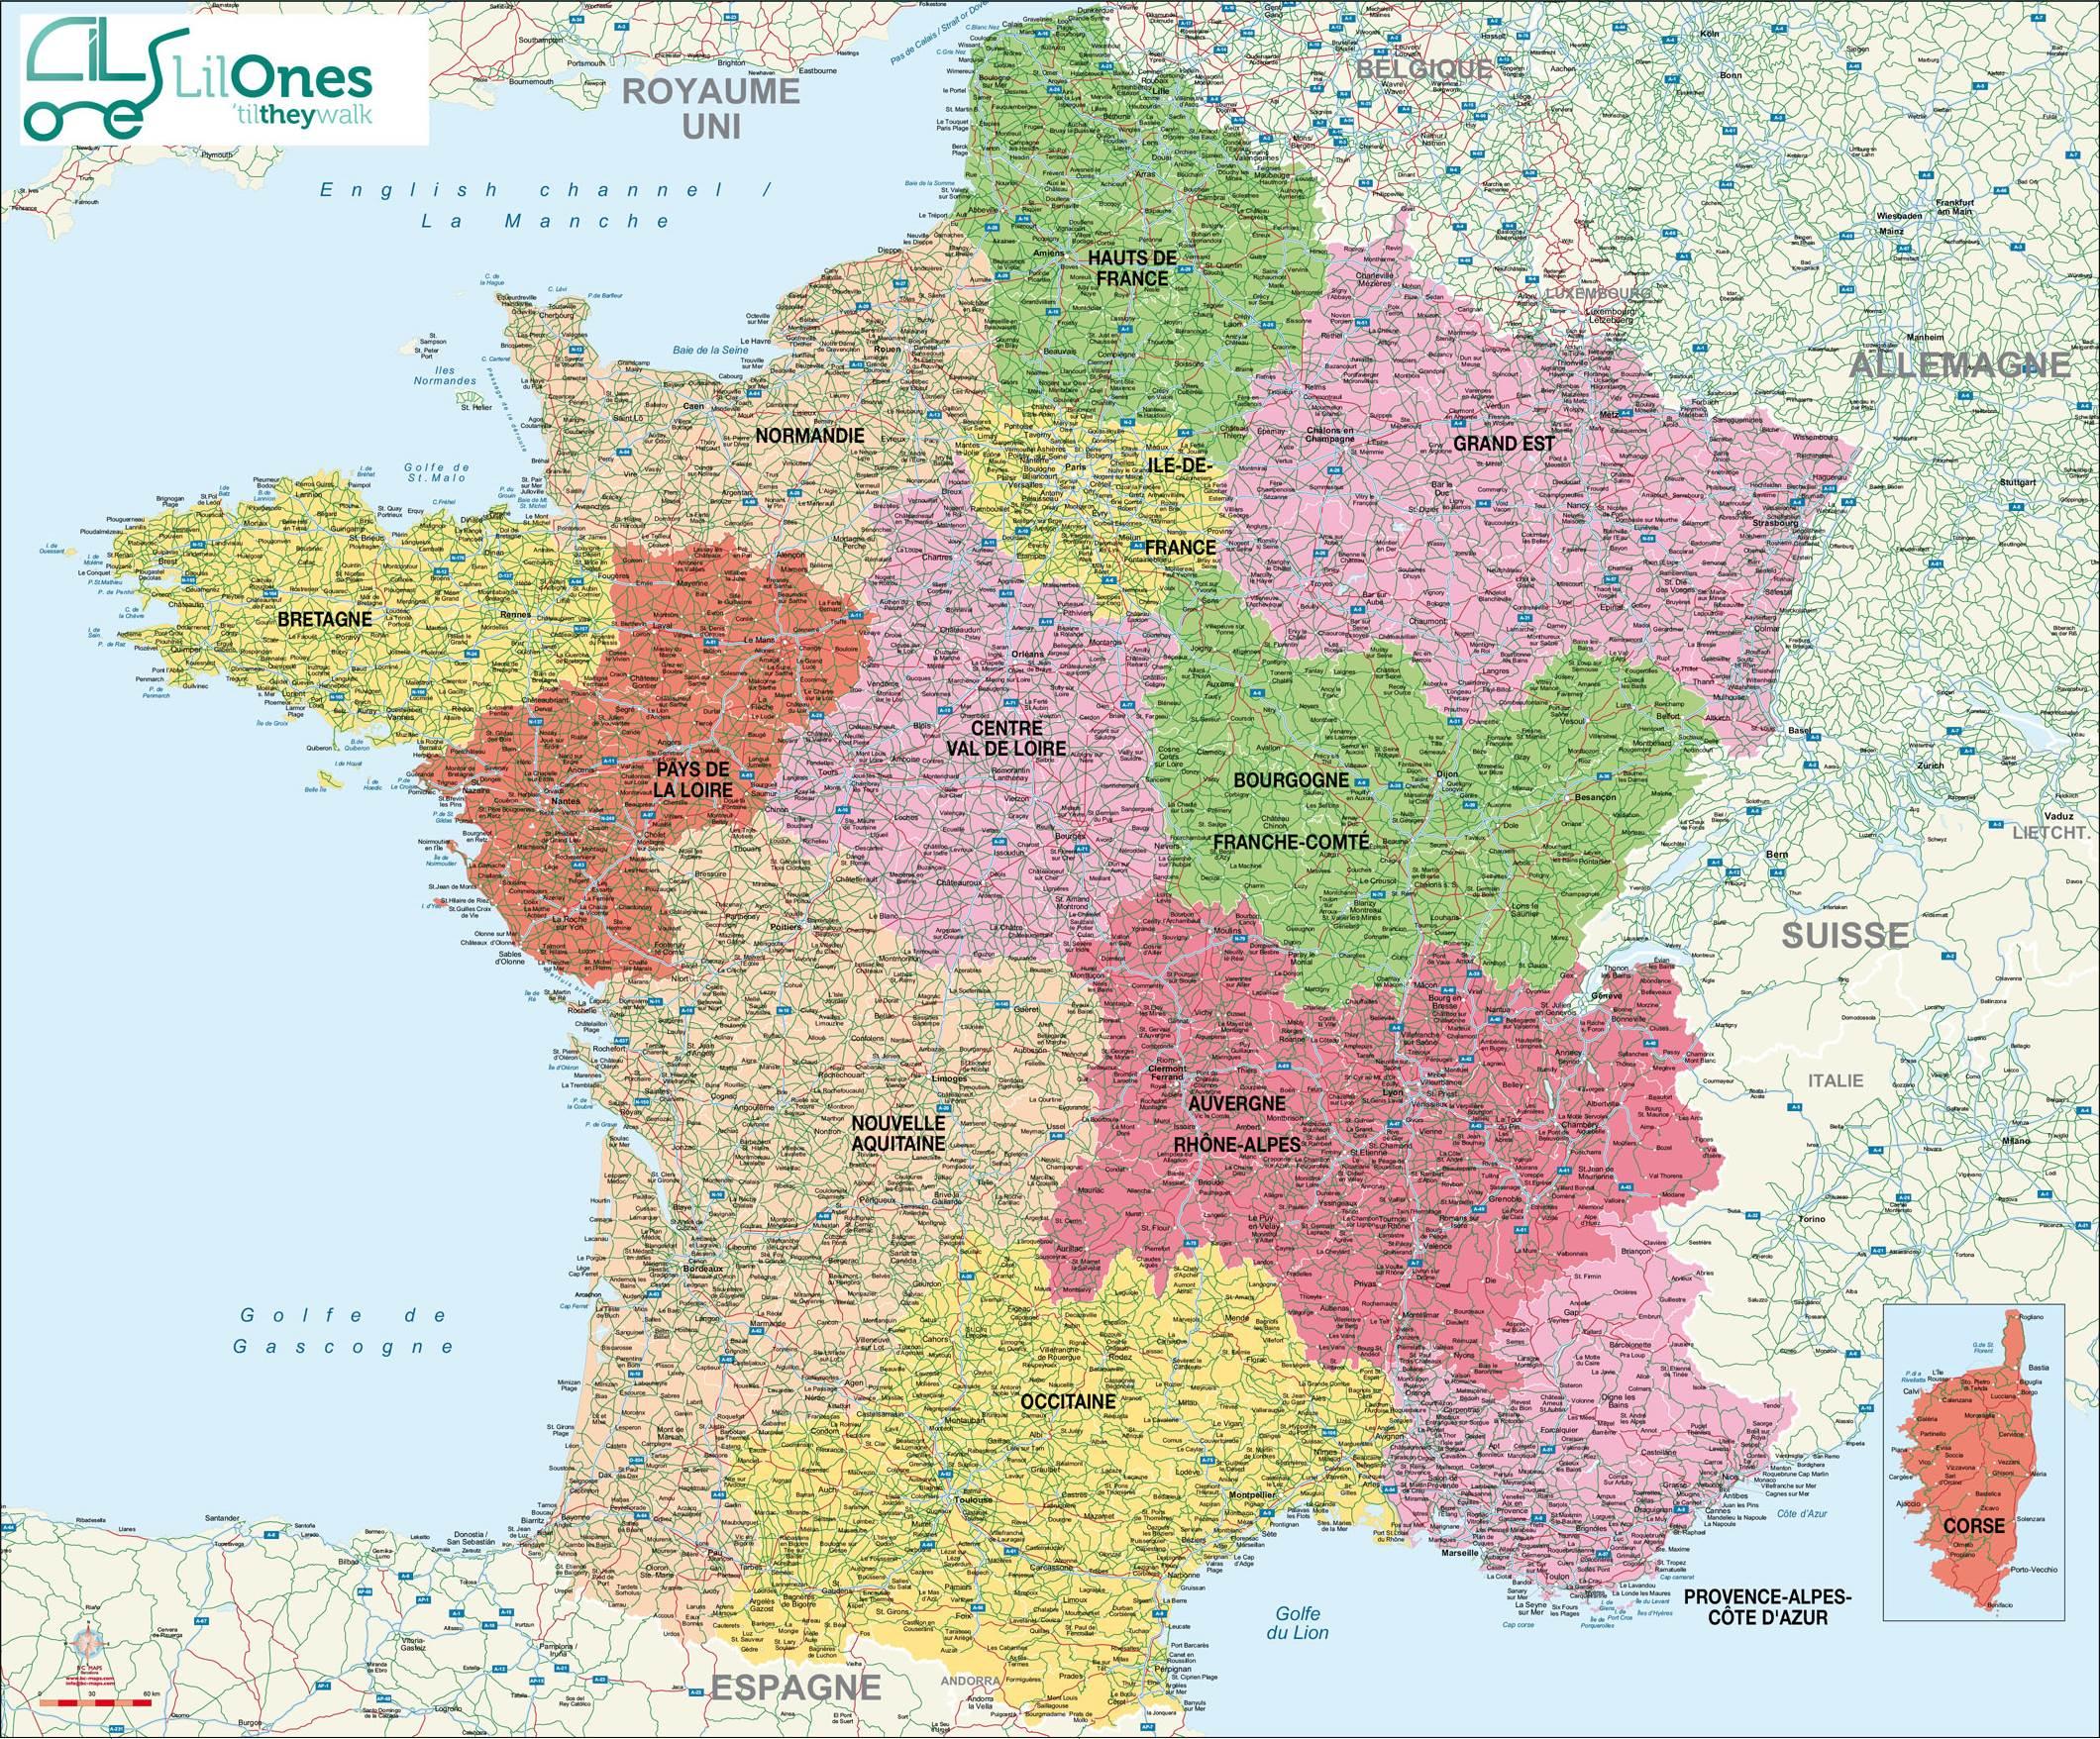 Carte France Villes : Carte Des Villes De France intérieur Département 13 Carte